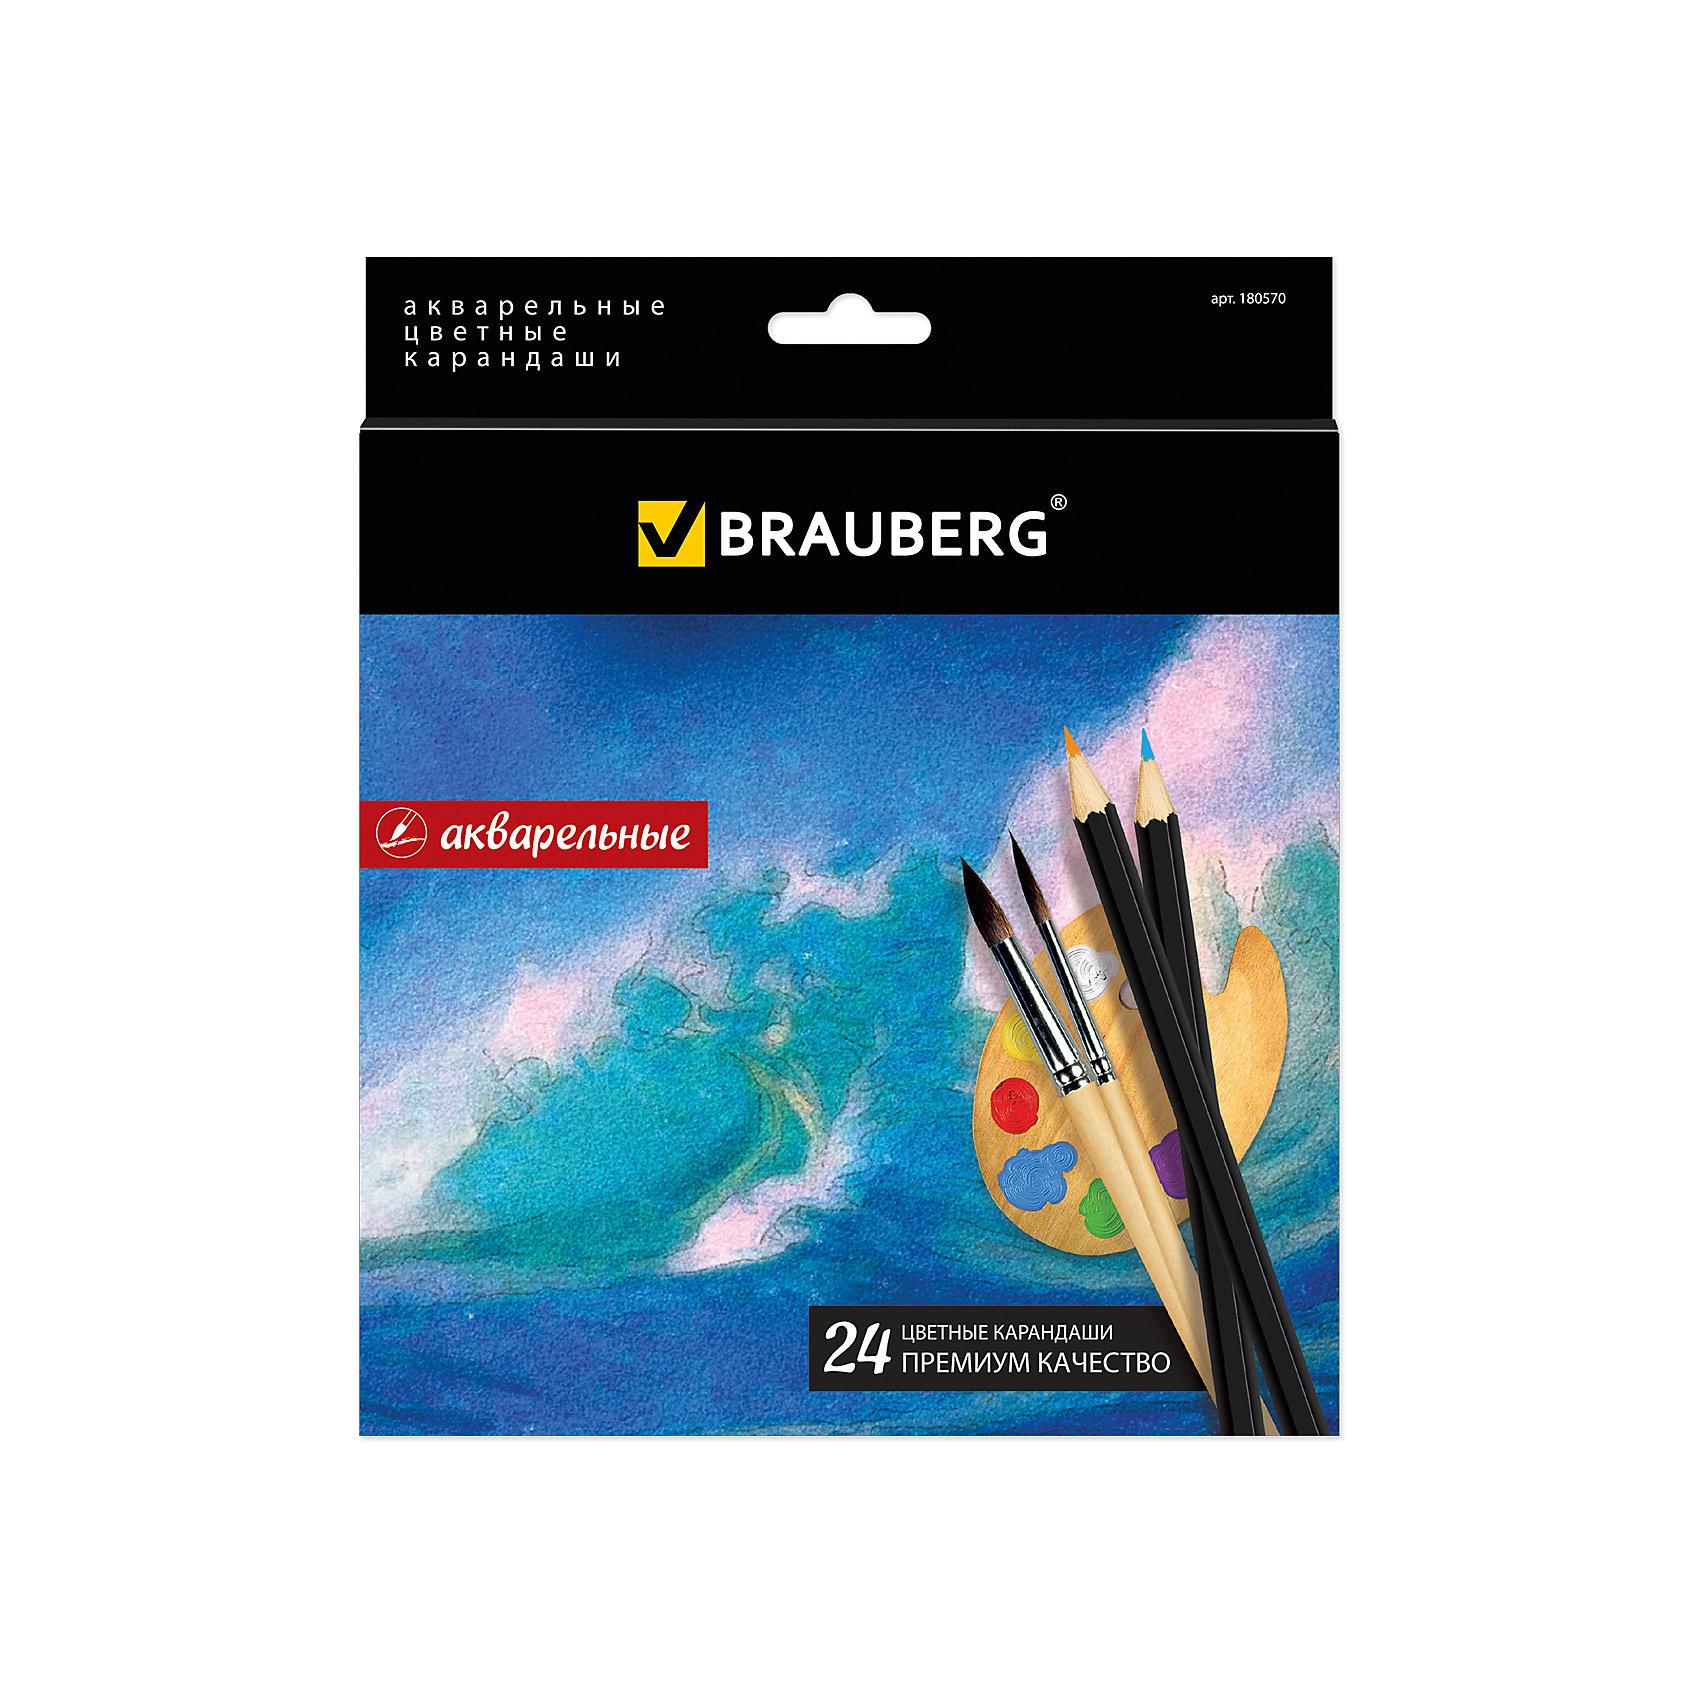 Цветные карандаши акварельные Artist line, 24 цв., BraubergВ наборе 24 цветных акварельных карандаша. Высокое качество грифеля с абсолютной чистотой палитры гарантирует равномерную насыщенность цвета по всей поверхности и стопроцентную растворимость в воде.<br><br>Дополнительная информация: <br><br>- 24 цвета.<br>- Акварельные.<br>- Диаметр грифеля - 3 мм.<br>- Высокосортная древесина.<br>- Шестигранный корпус.<br>- Легко затачиваются.<br>- Размер упаковки: 0,9х17,5х19,7  см.<br>- Вес в упаковке: 140 г.<br><br>Цветные карандаши Artist line Brauberg можно купить в нашем магазине.<br><br>Ширина мм: 200<br>Глубина мм: 180<br>Высота мм: 8<br>Вес г: 182<br>Возраст от месяцев: 72<br>Возраст до месяцев: 2147483647<br>Пол: Унисекс<br>Возраст: Детский<br>SKU: 4792677